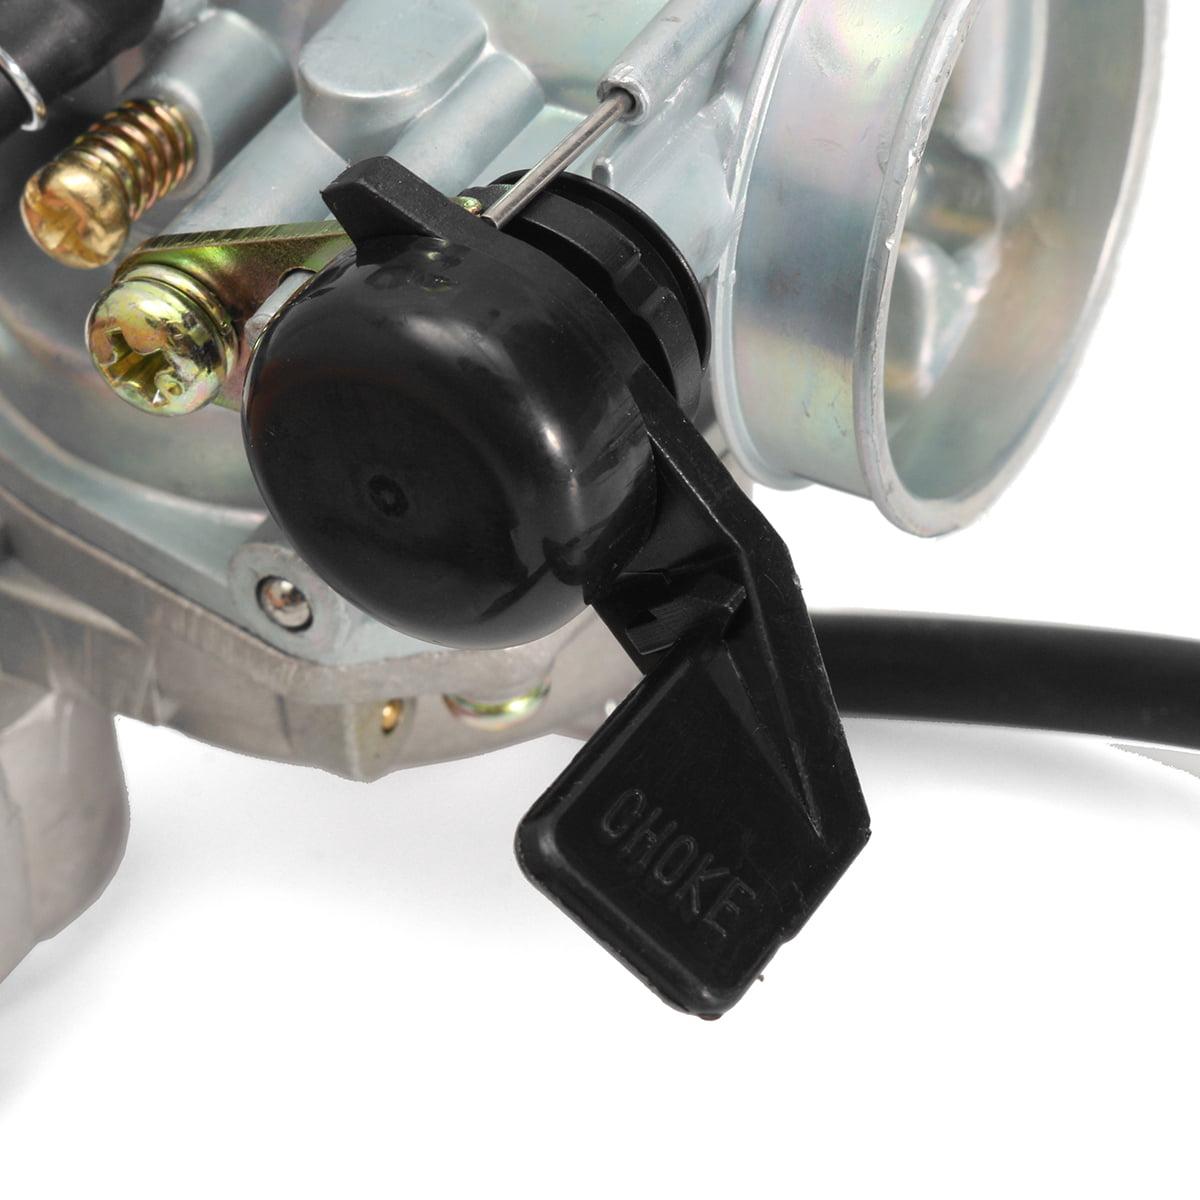 Carburetor Carb Throttle Cable For Honda ATV ATC70 90 110 125 TRX125